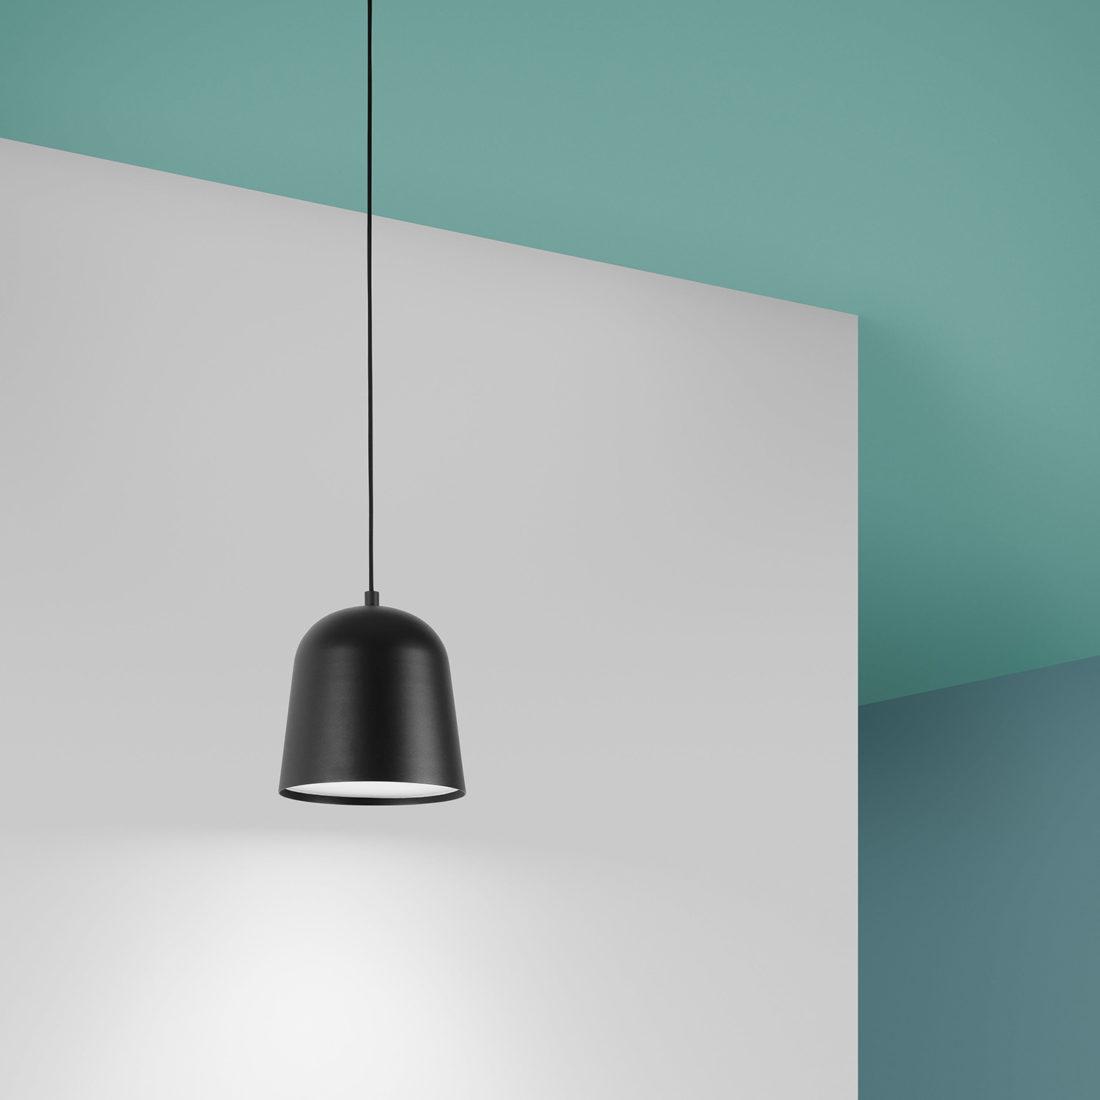 CONVEX Pendant Lamp, Black